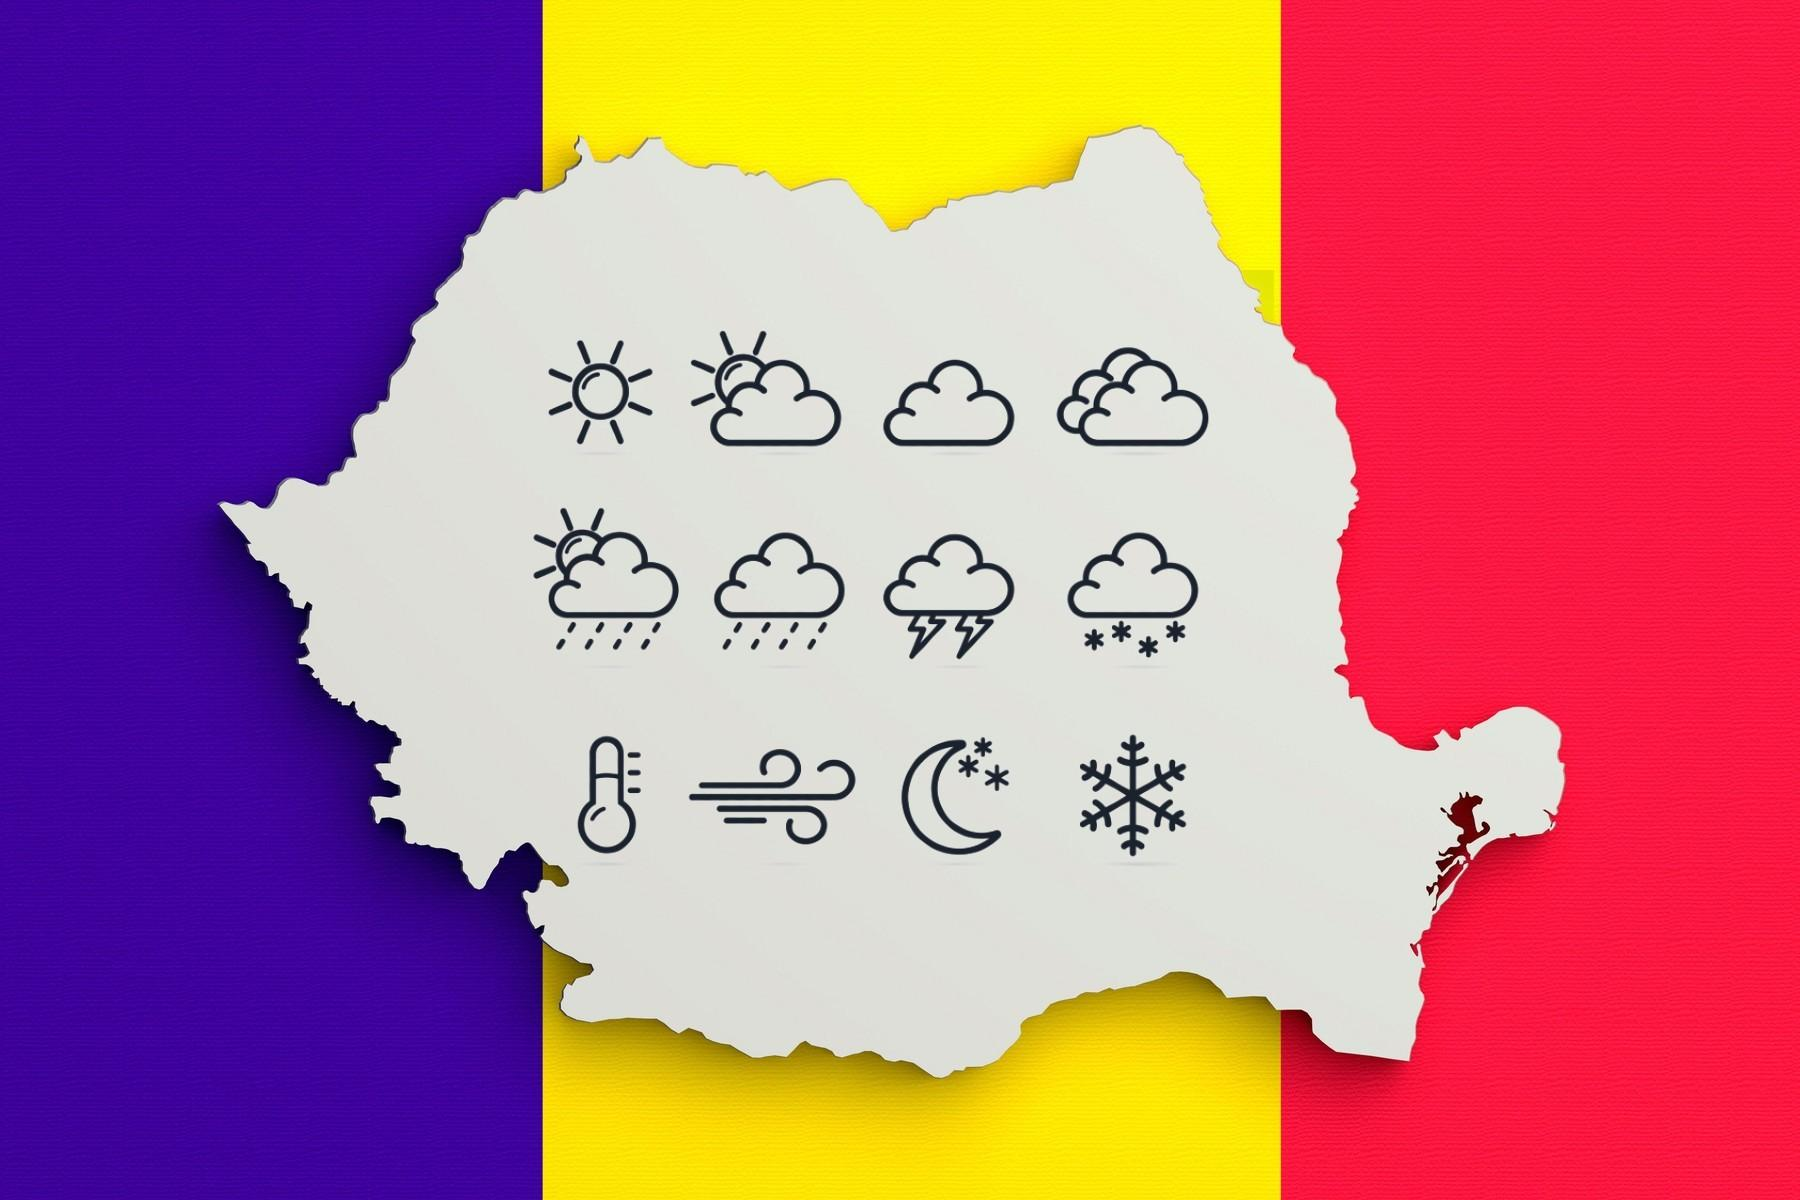 Prognoza meteo 30 noiembrie 2020. Cum e vremea în România și care sunt previziunile ANM pentru astăzi